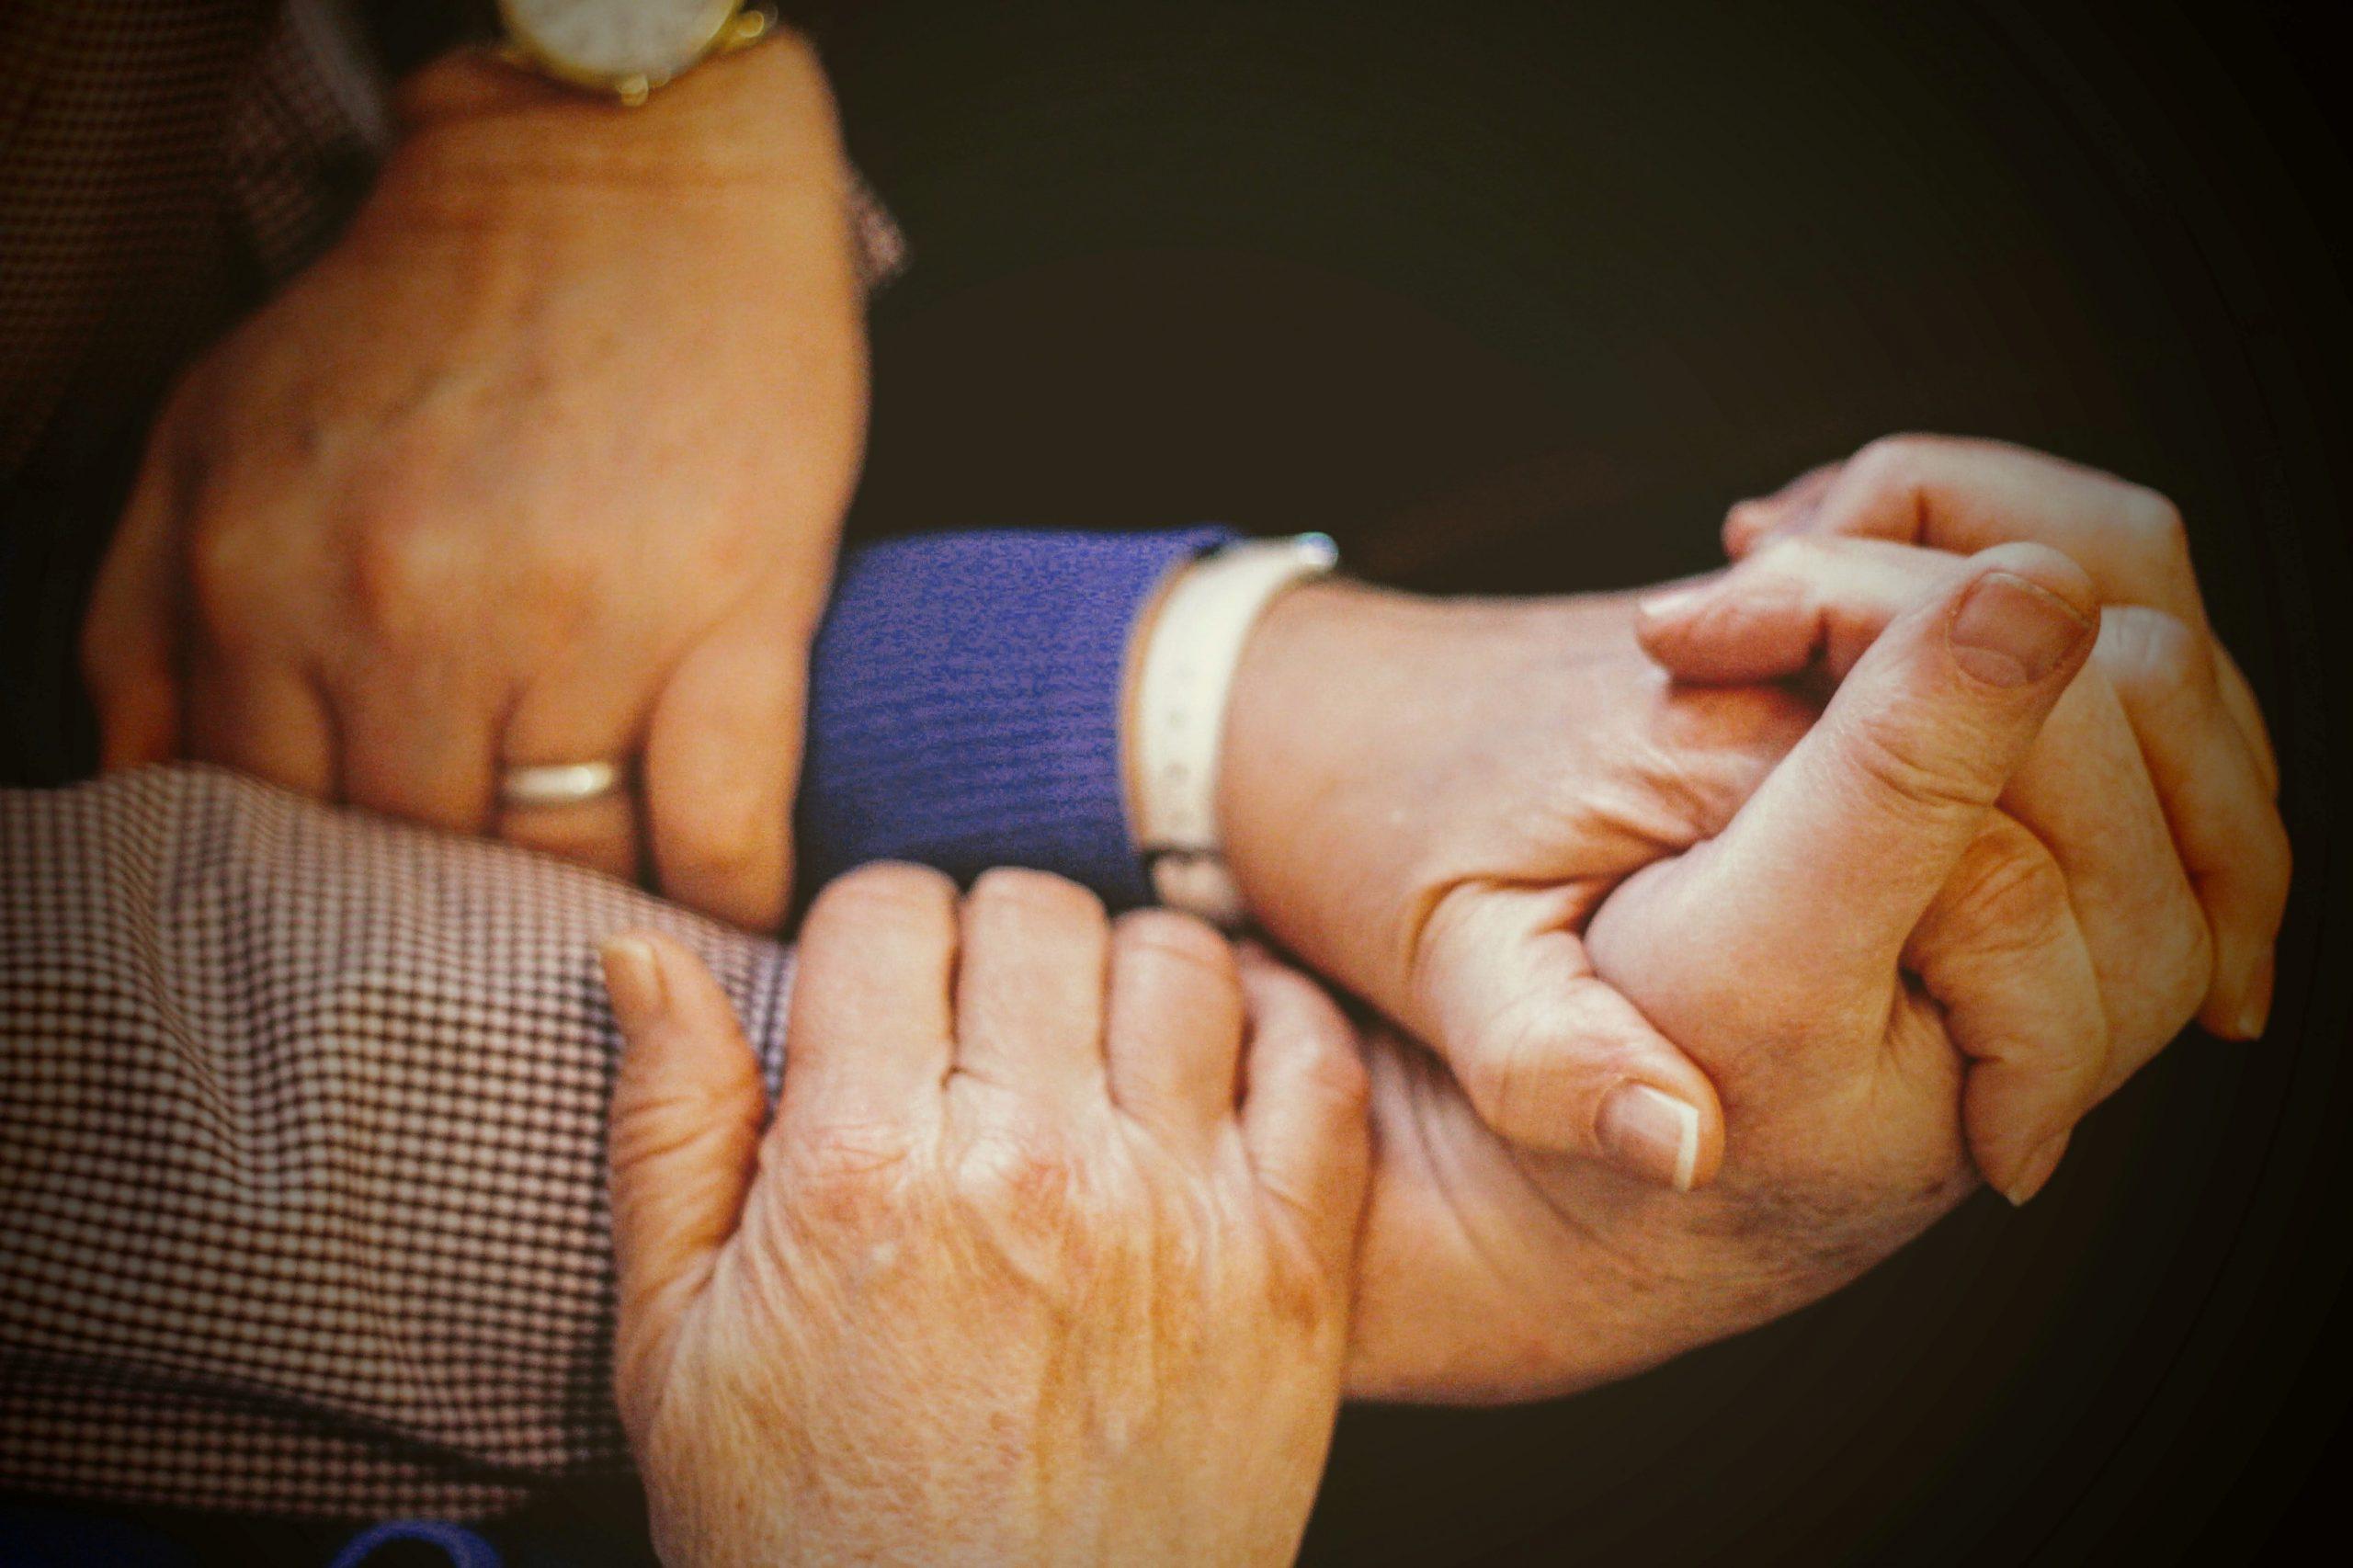 Mani intrecciate per dare supporto